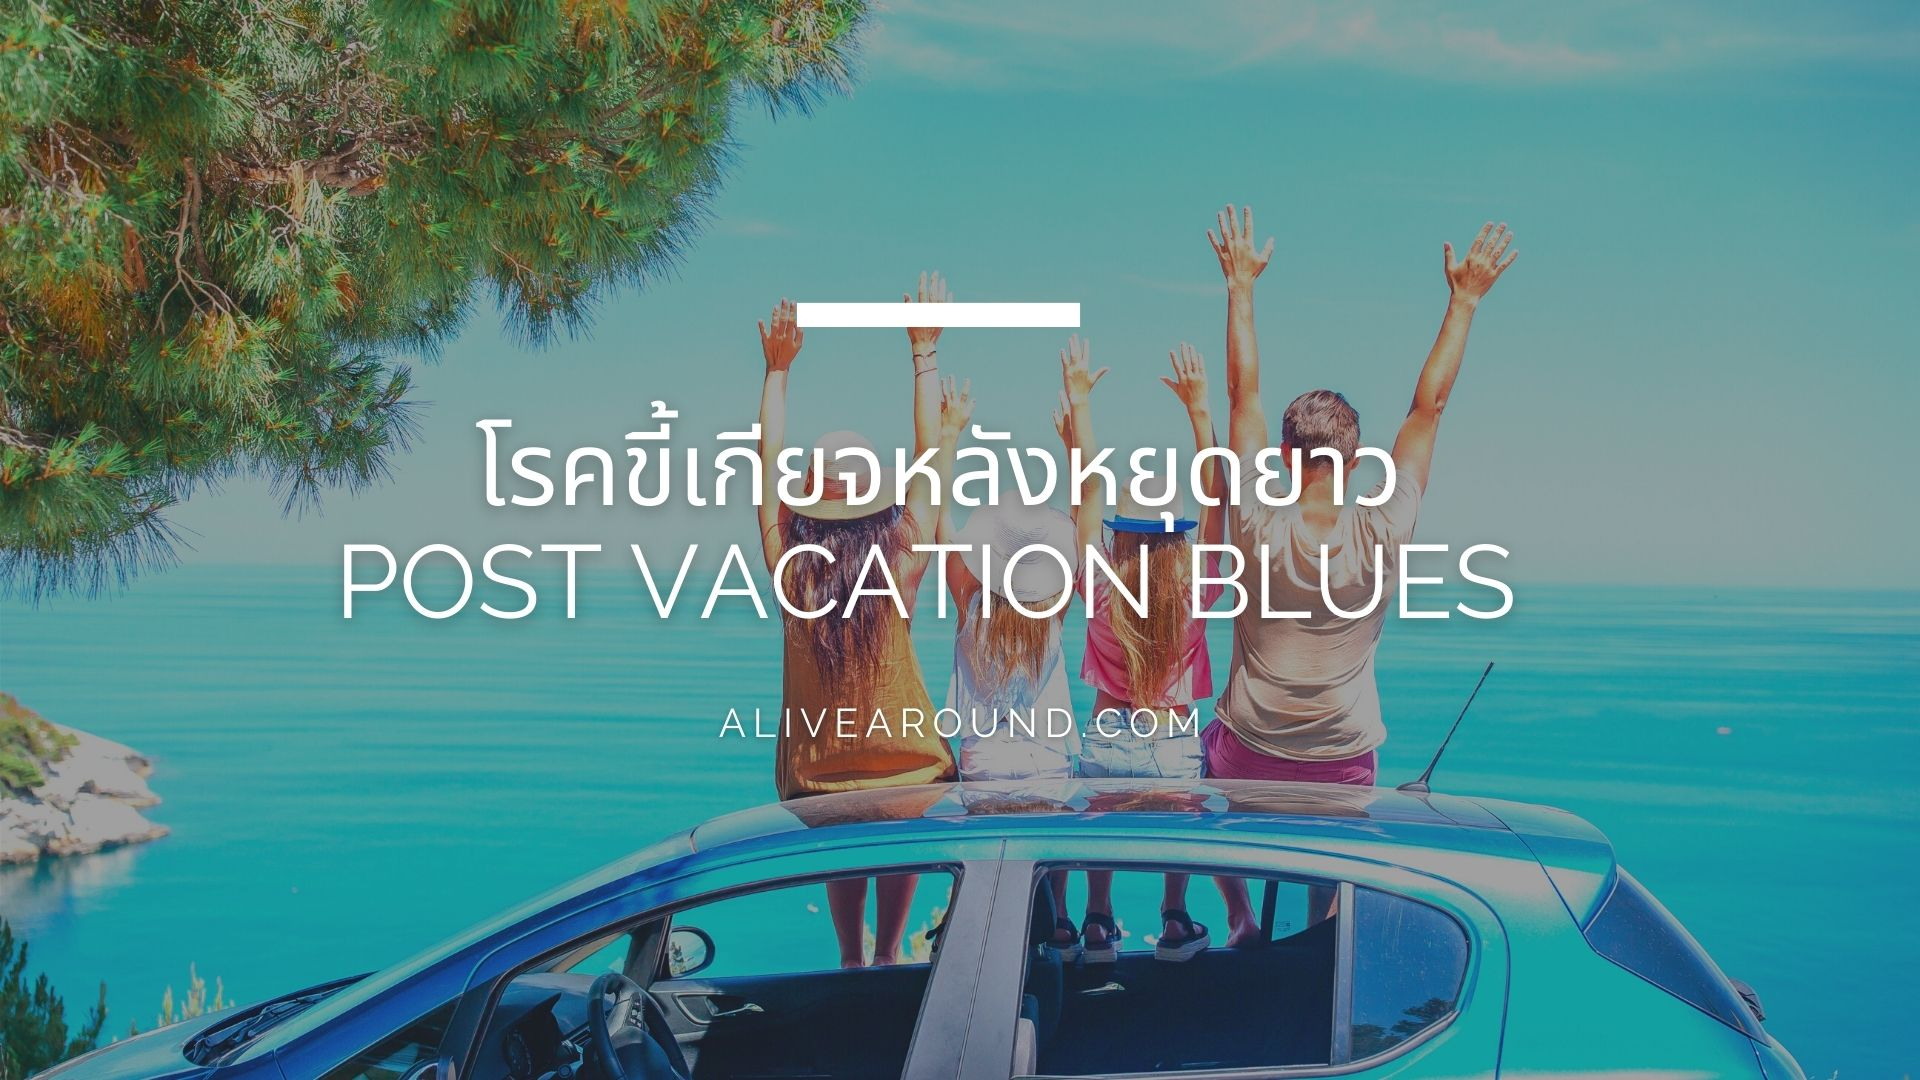 โรคขี้เกียจหลังหยุดยาว Post Vacation Blues